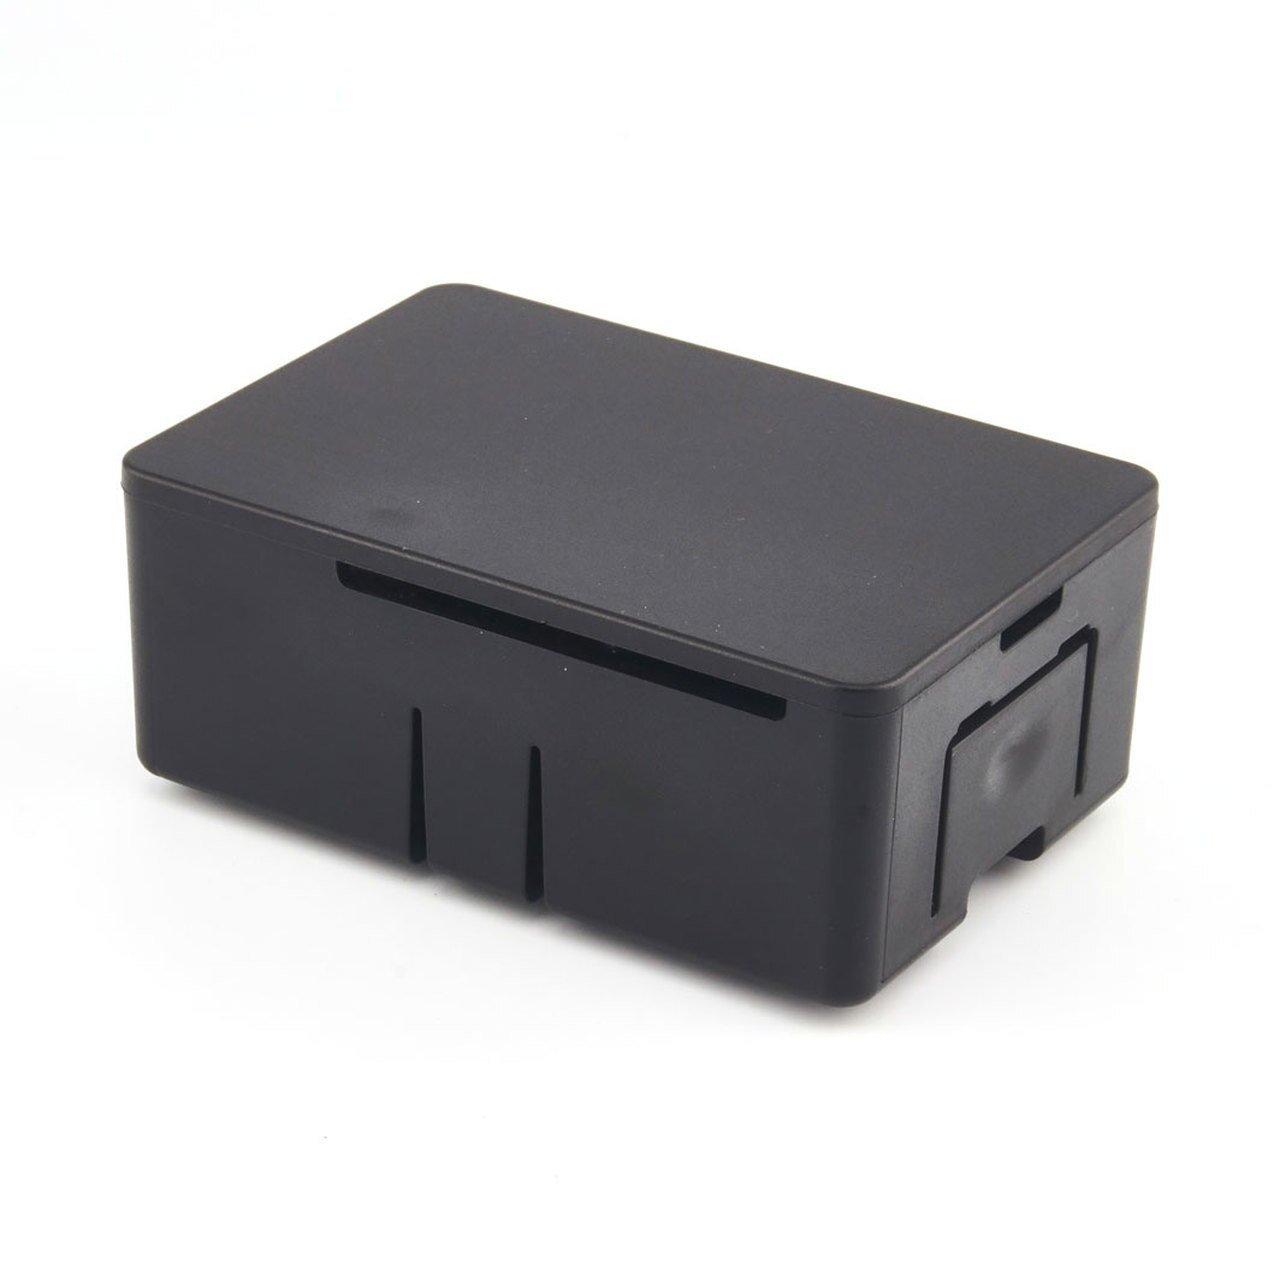 HighPi Raspberry Pi 4 Model B Case 加高可壁掛式壓克力外殼-preview-2